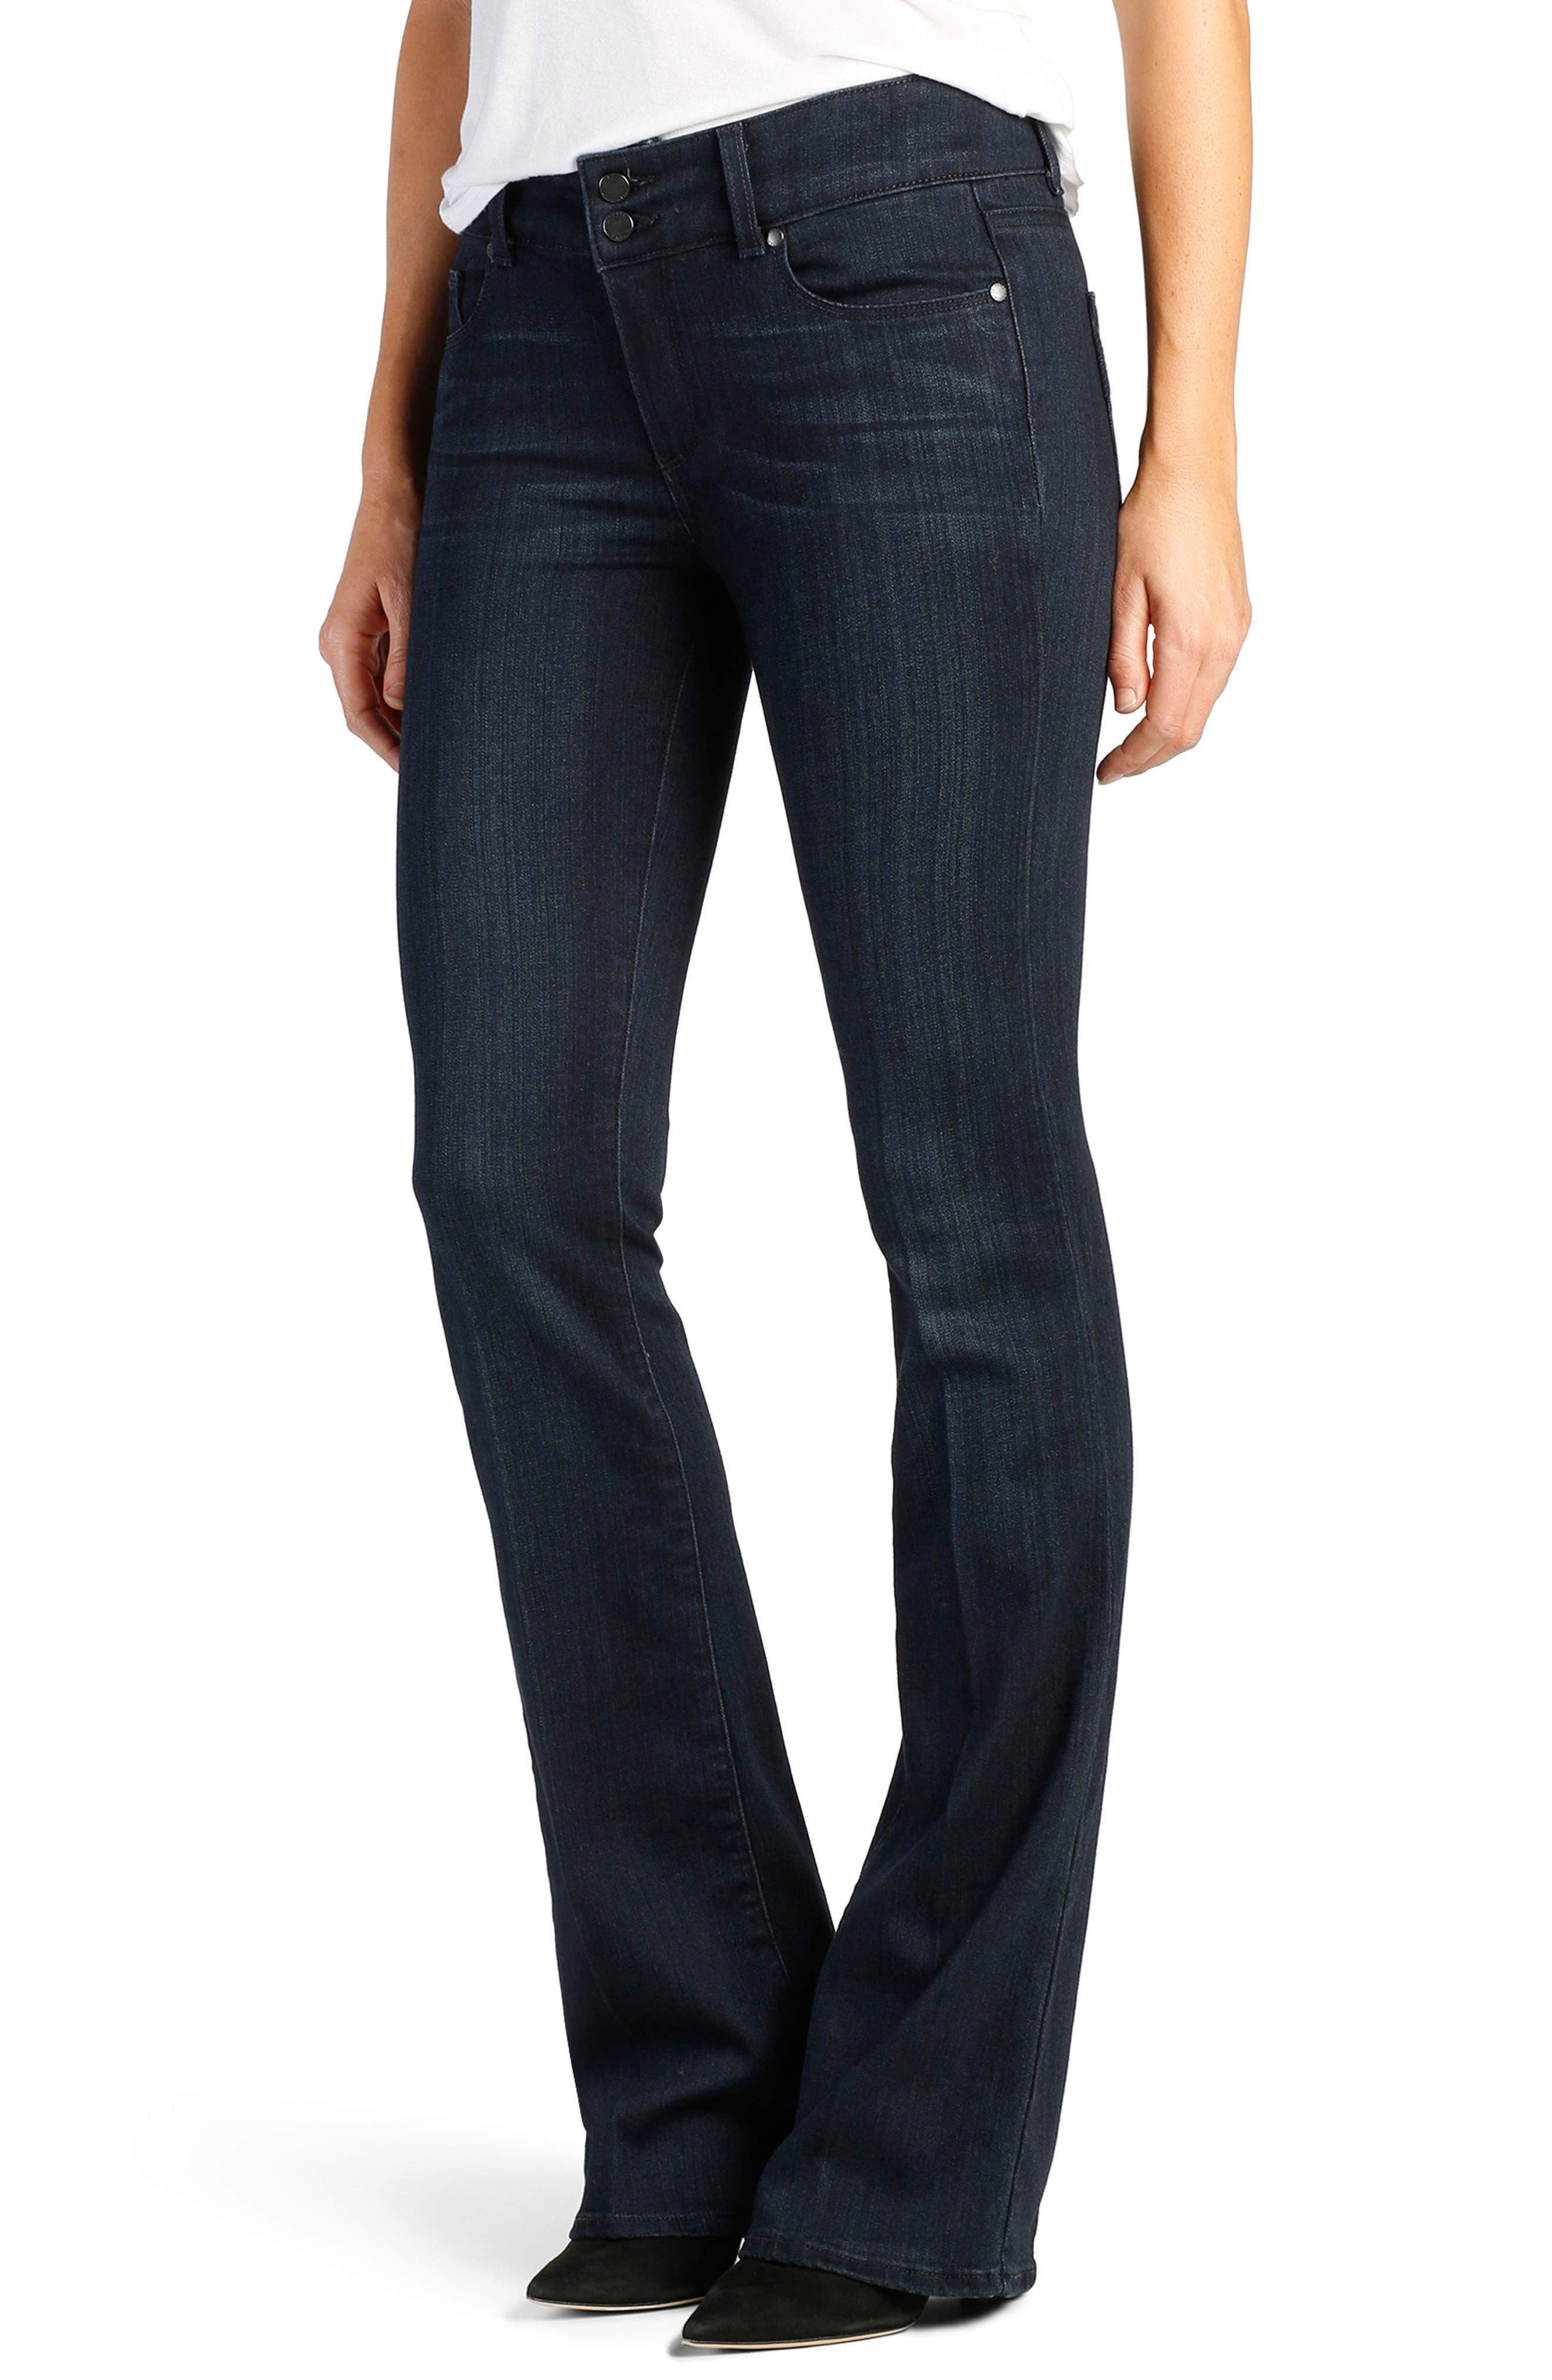 Transcend - Hidden Hills High Waist Bootcut Jeans,                         Main,                         color, 400